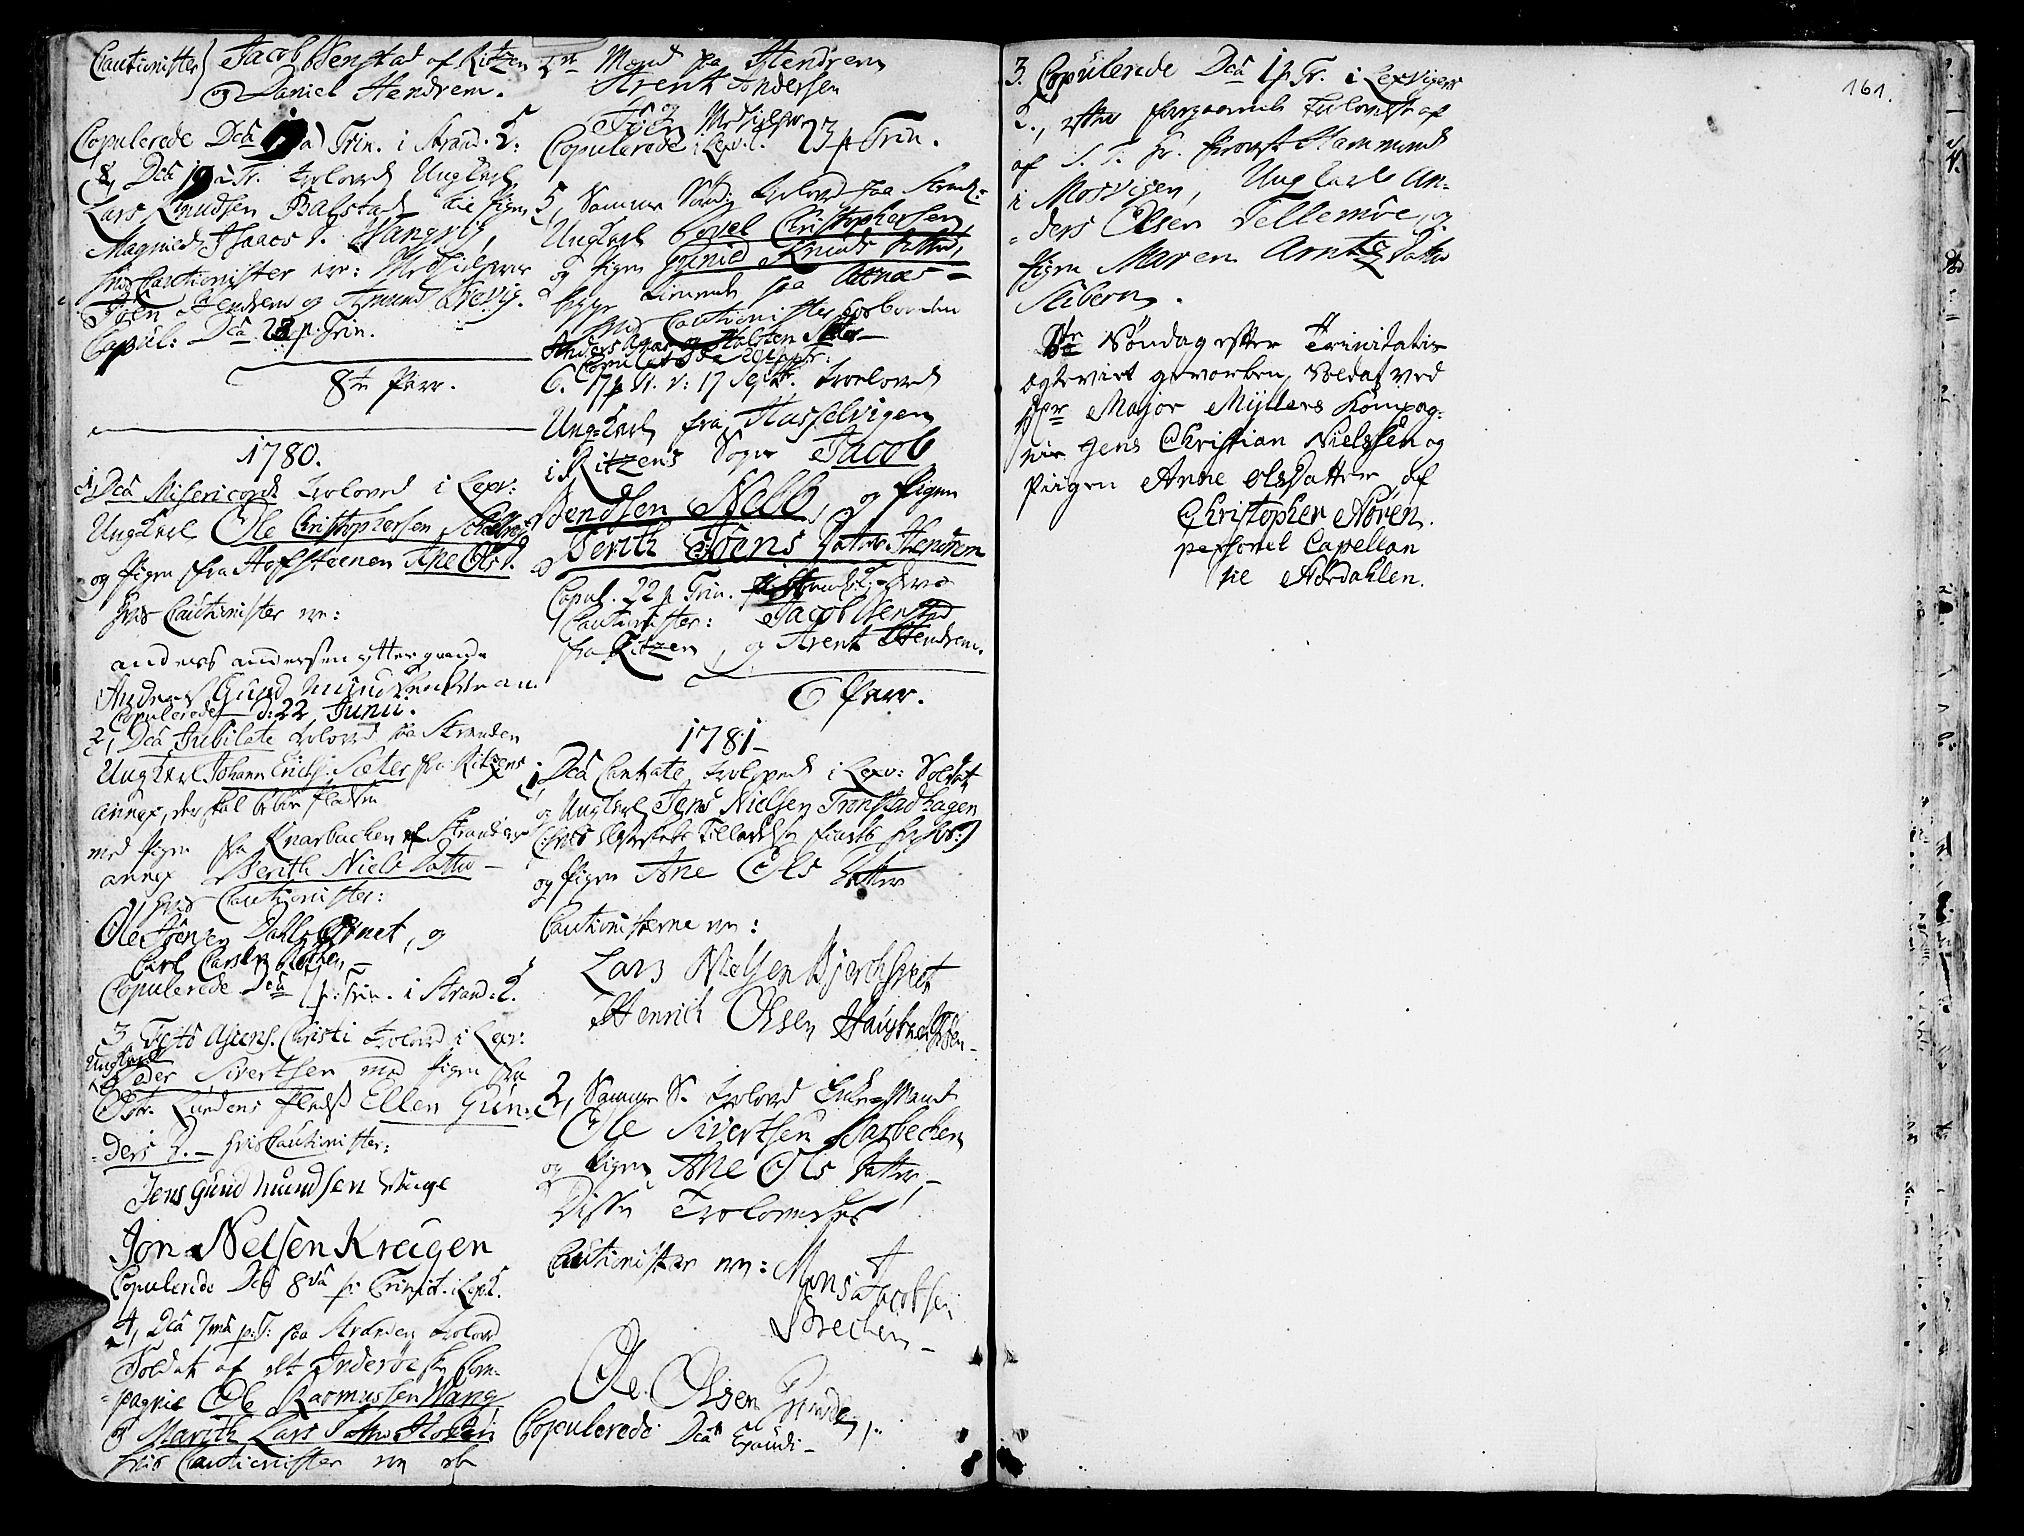 SAT, Ministerialprotokoller, klokkerbøker og fødselsregistre - Nord-Trøndelag, 701/L0003: Ministerialbok nr. 701A03, 1751-1783, s. 161